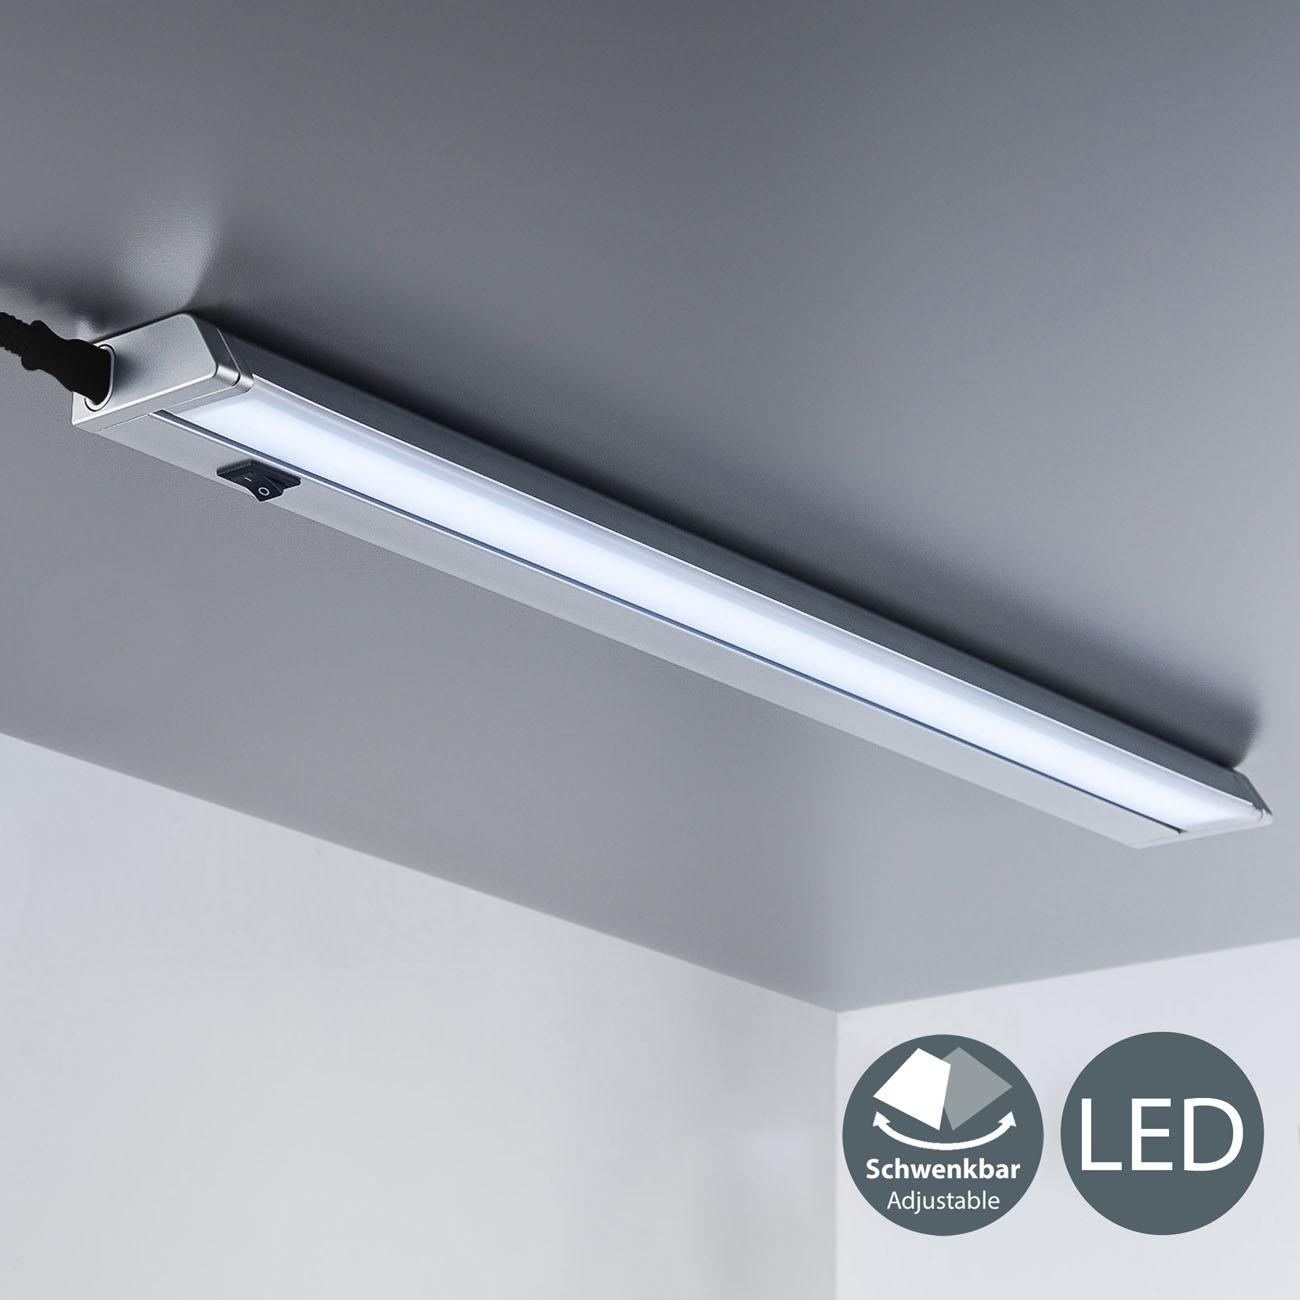 LED Schrankleuchte Unterbauleuchte silber-grau - 3